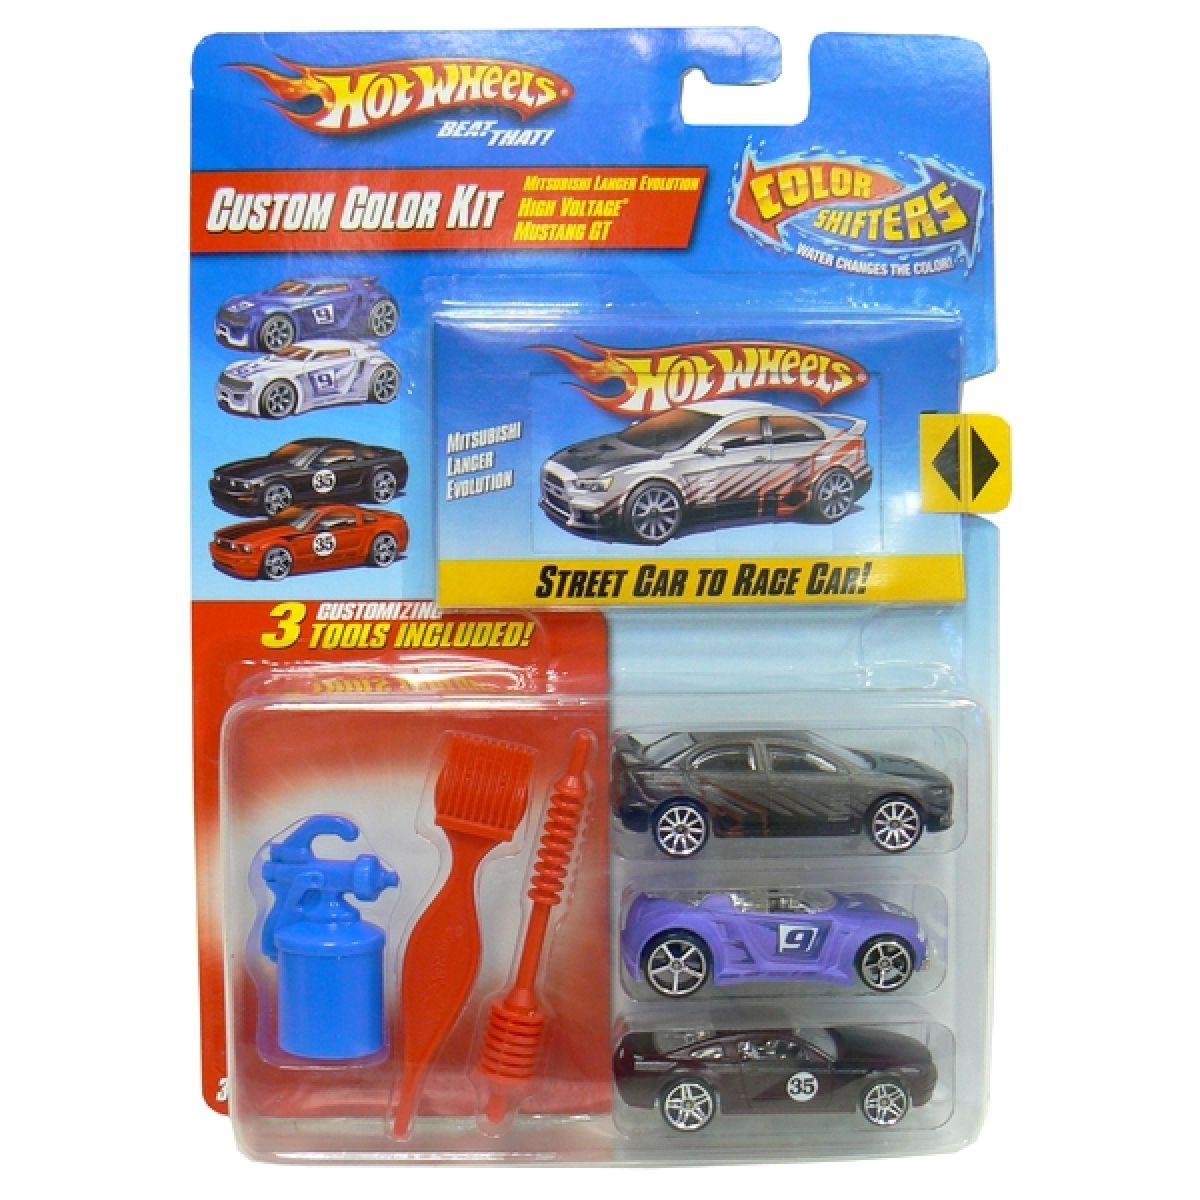 Hot Wheels R9602 Custom Color Kit - Street car to race car